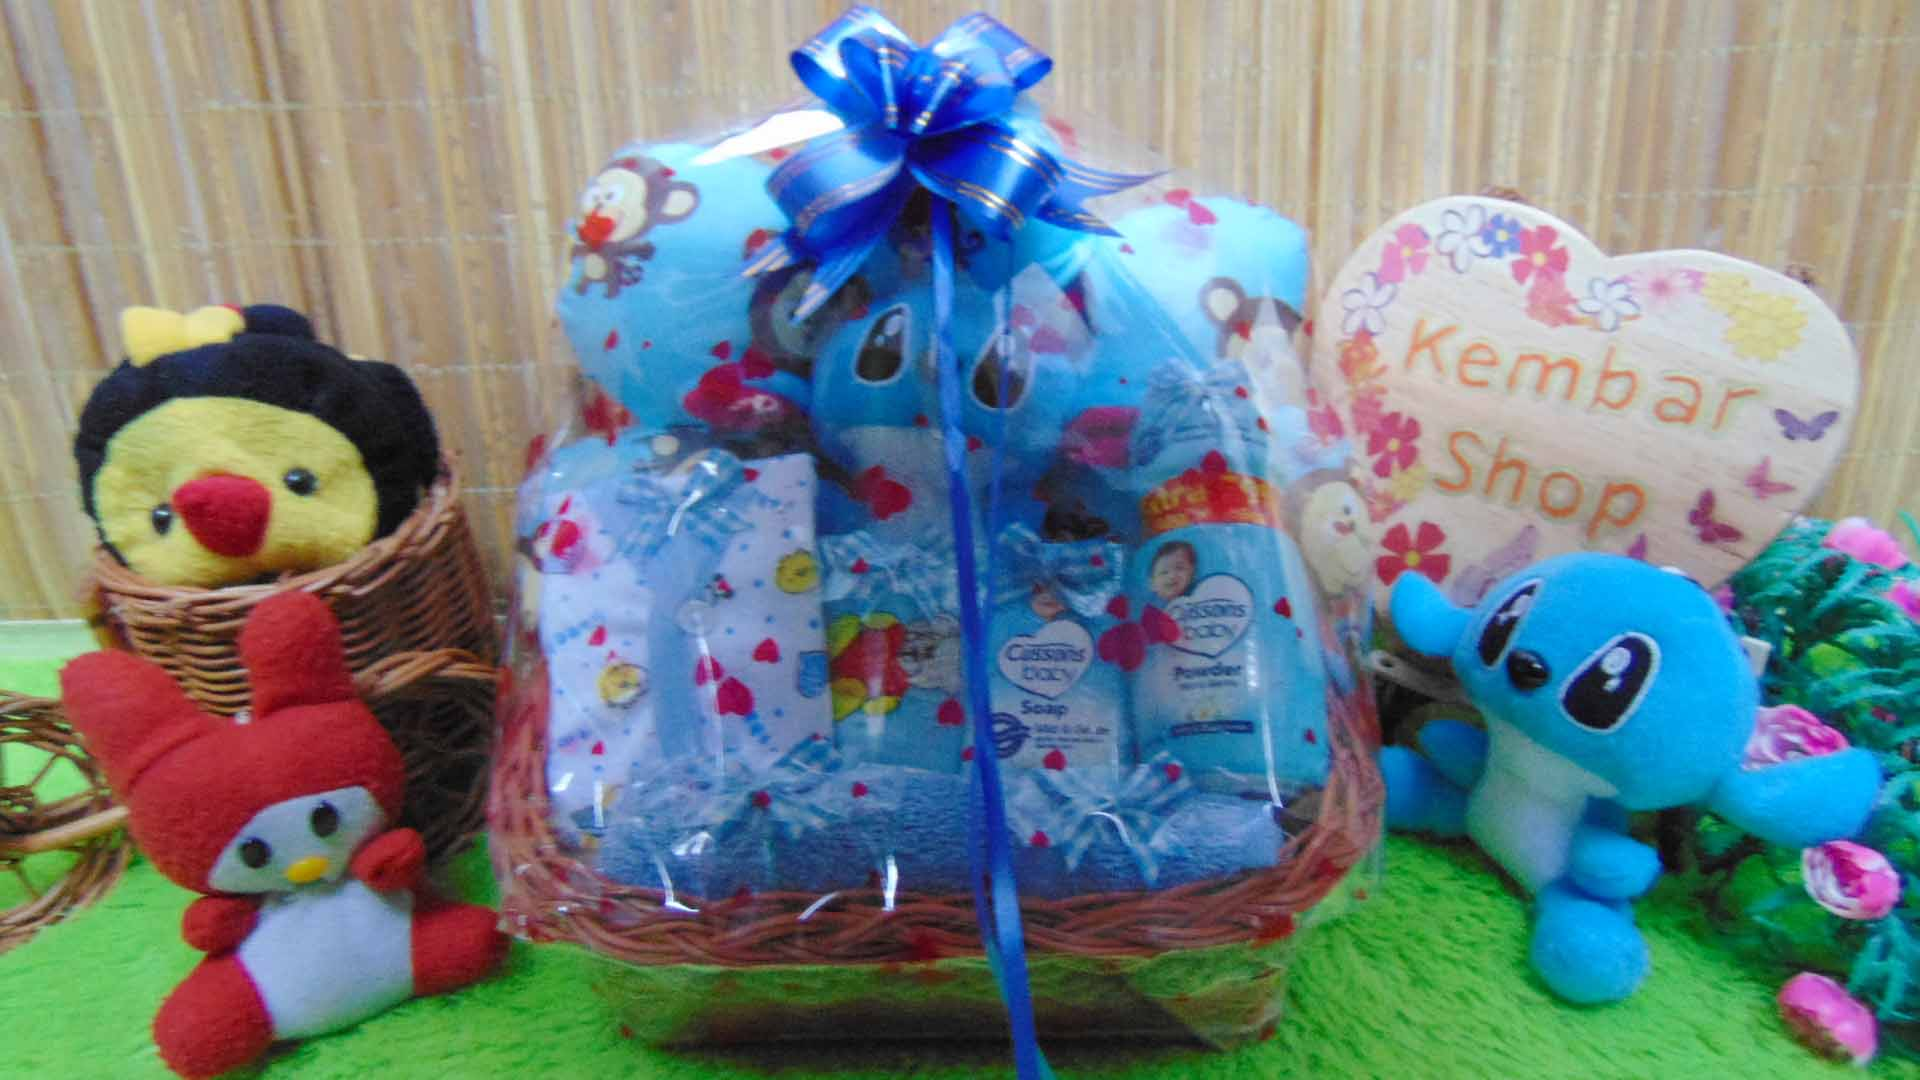 TERLARIS paket kado bayi baby gift parcel bayi parcel kado bayi kado lahiran awan komplit ANEKA WARNA (1)